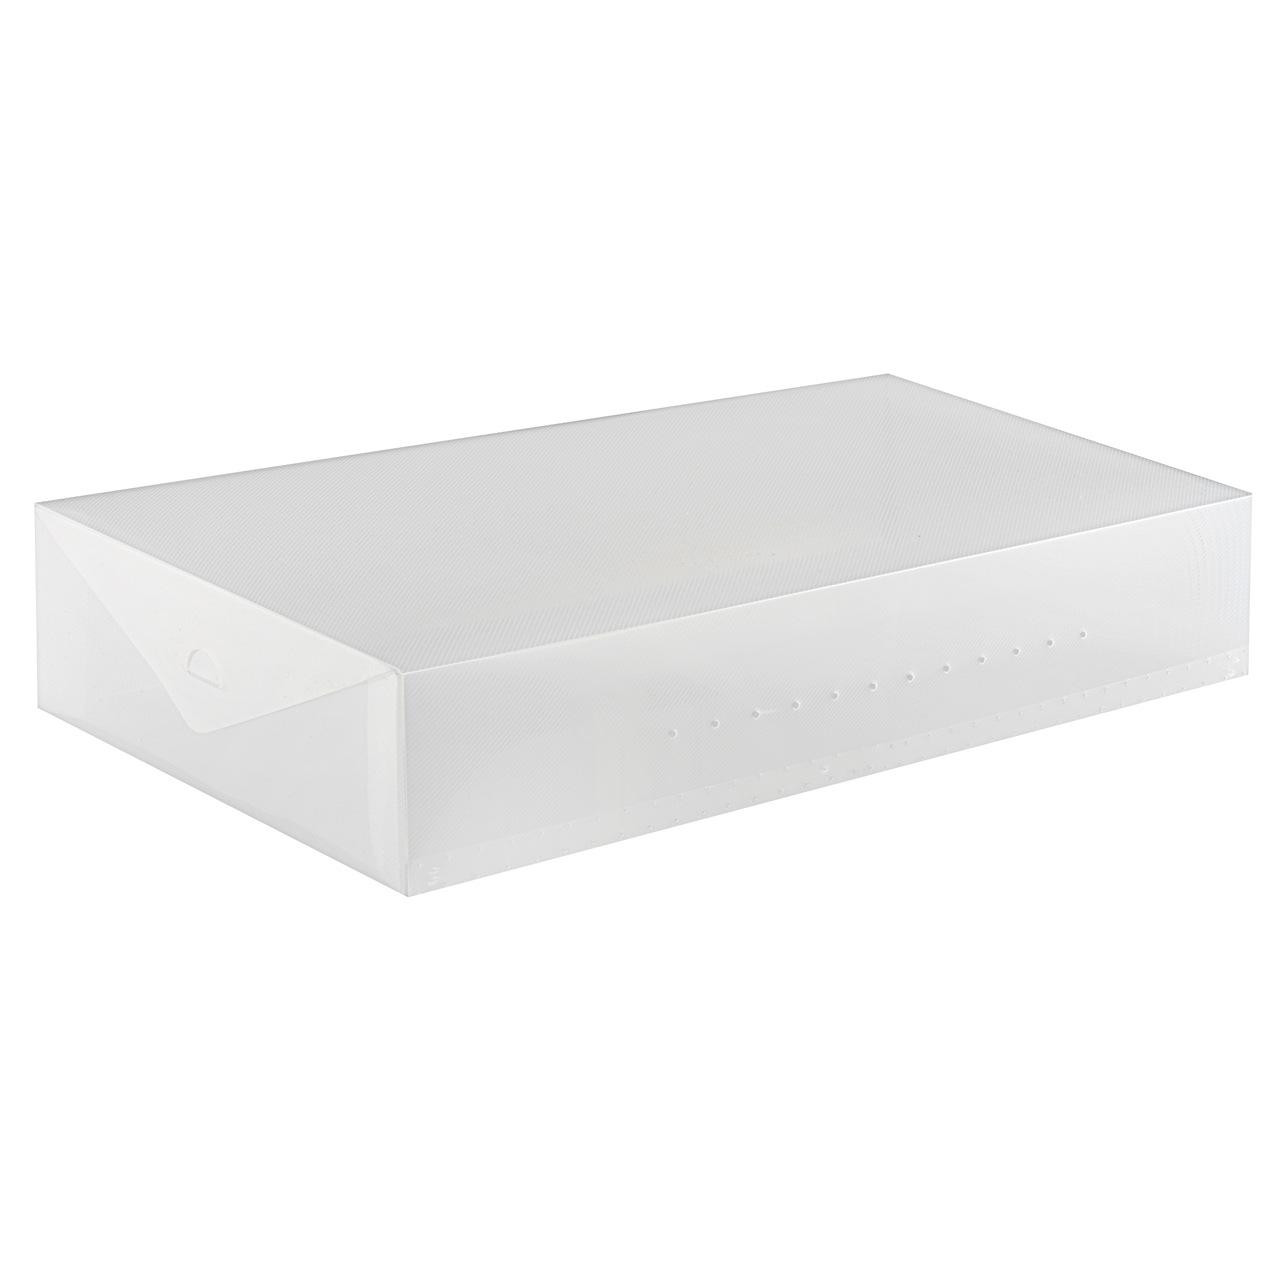 stiefel aufbewahrungsbox allzweckbox aufbewahrung. Black Bedroom Furniture Sets. Home Design Ideas